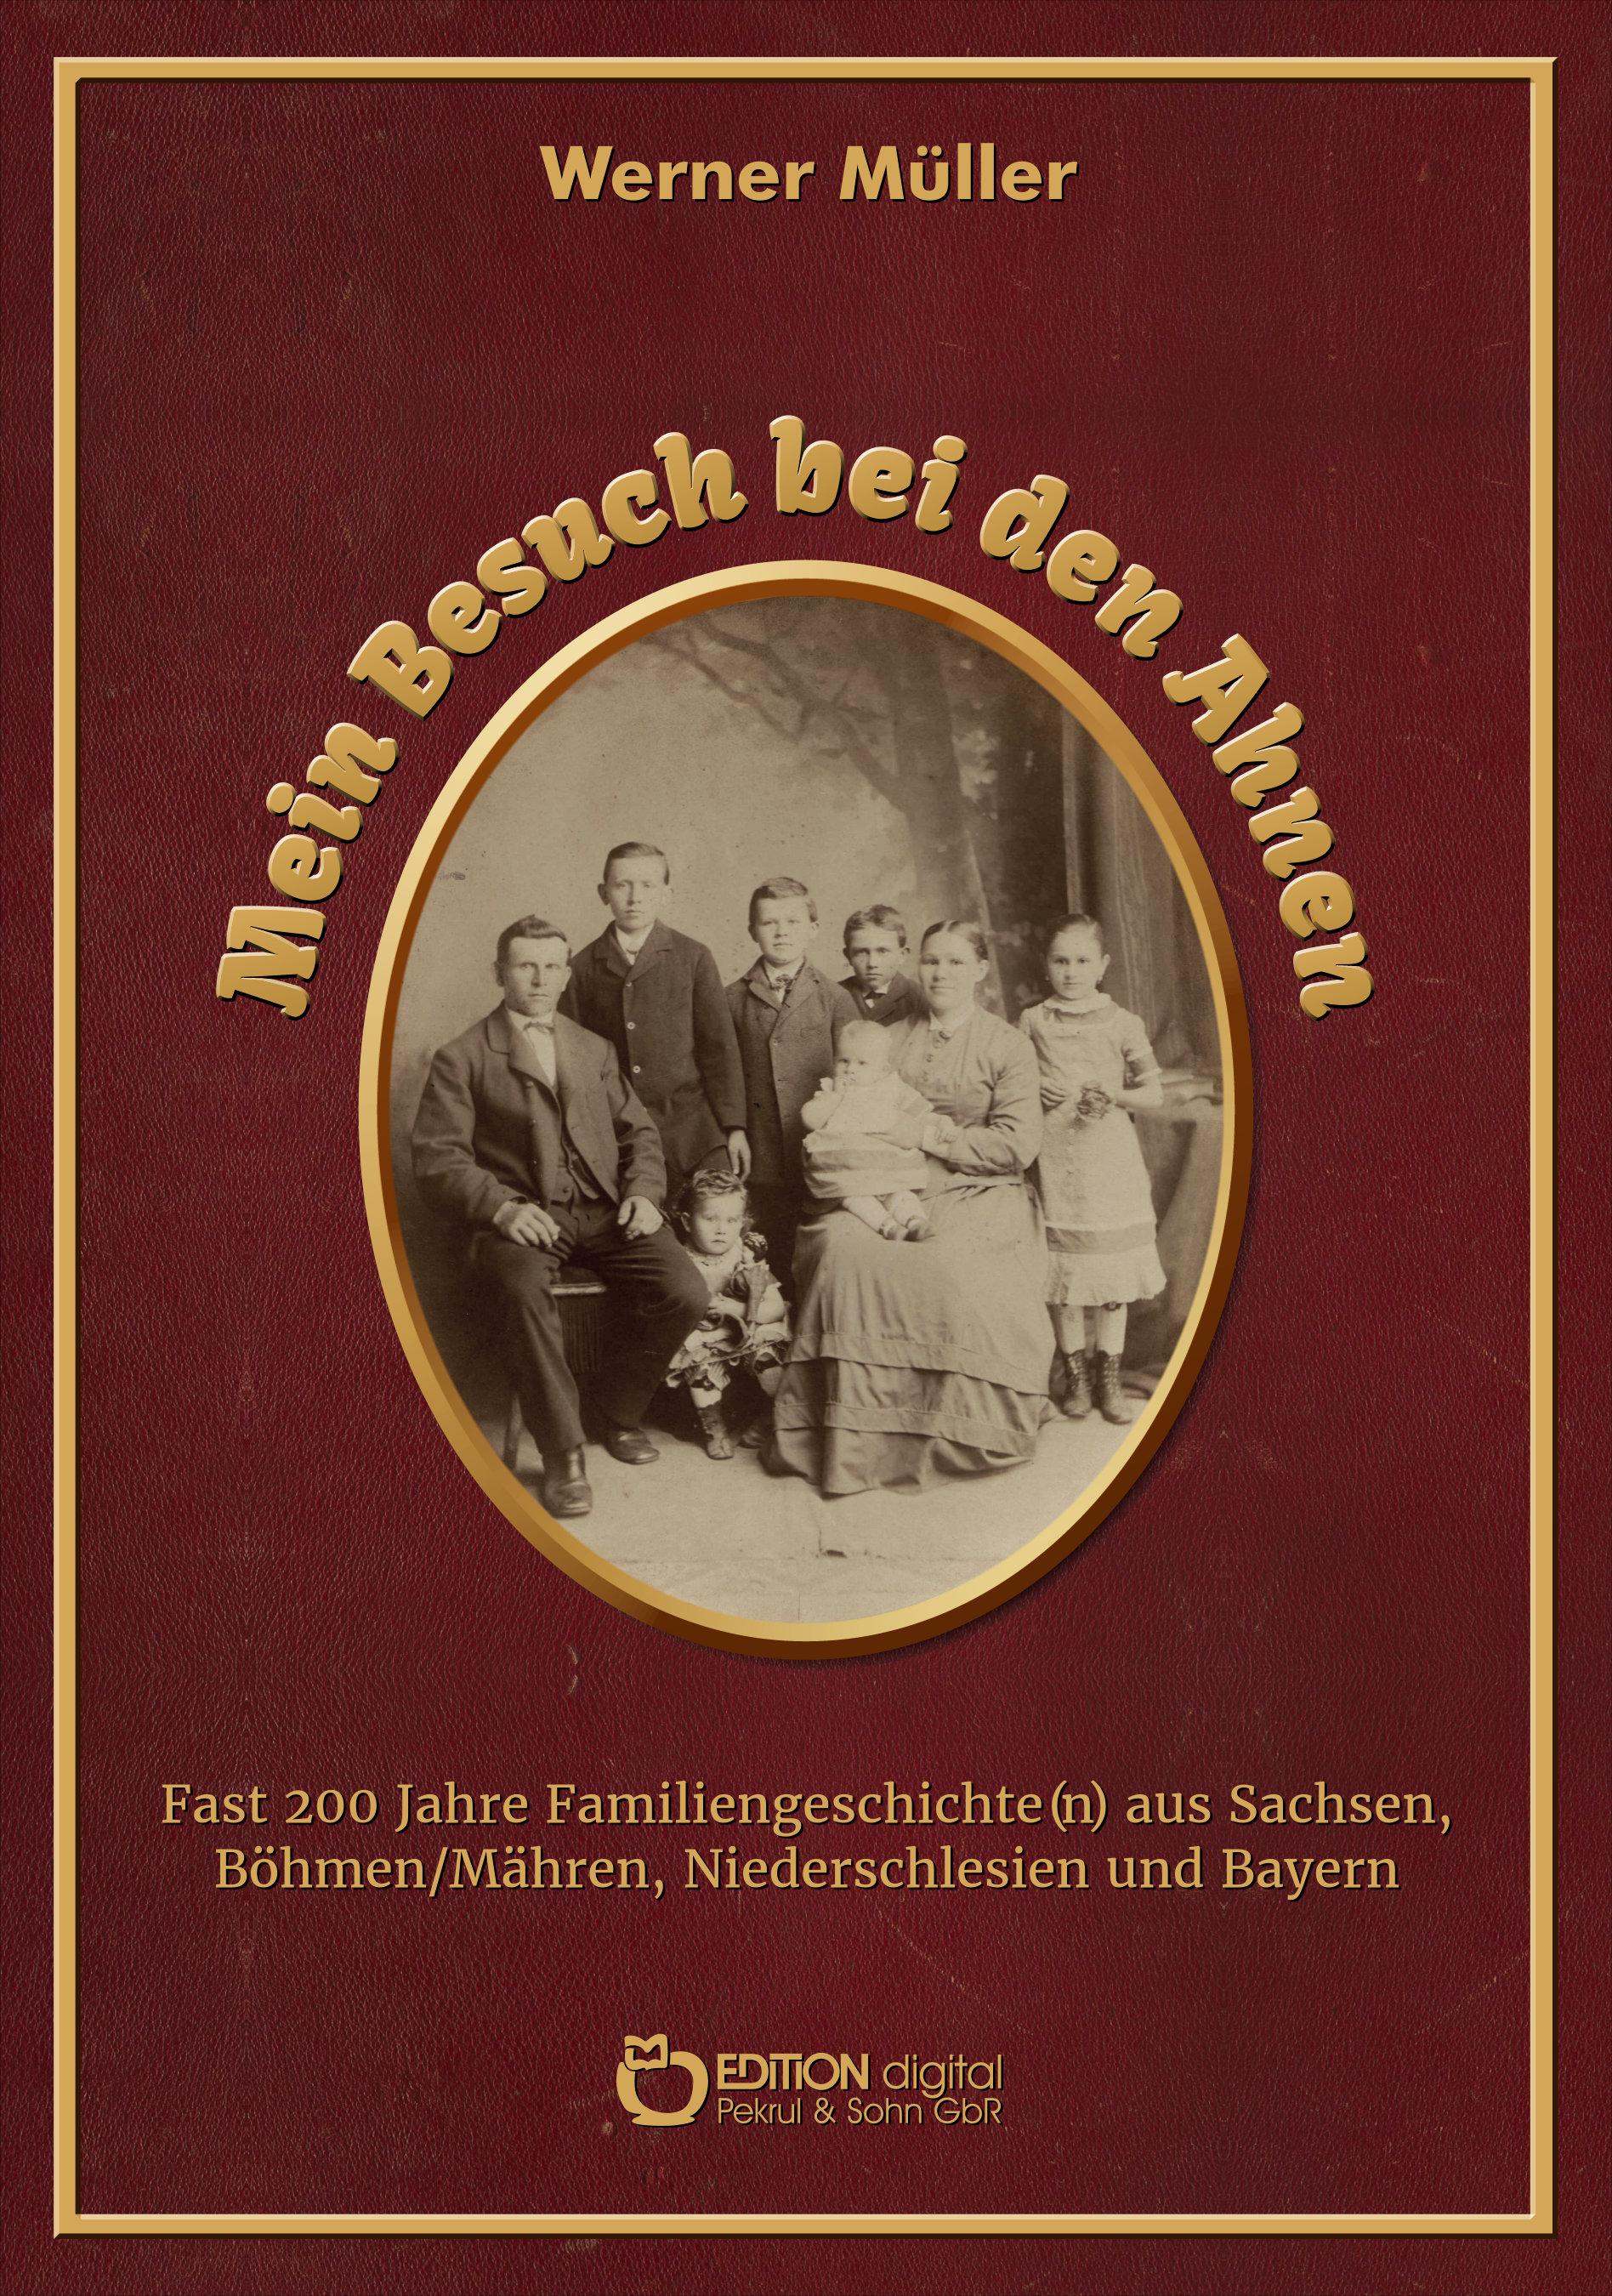 Mein Besuch bei den Ahnen. Fast 200 Jahre Familiengeschichte(n) aus Sachsen, Böhmen/Mähren, Niederschlesien und Bayern von Werner Müller